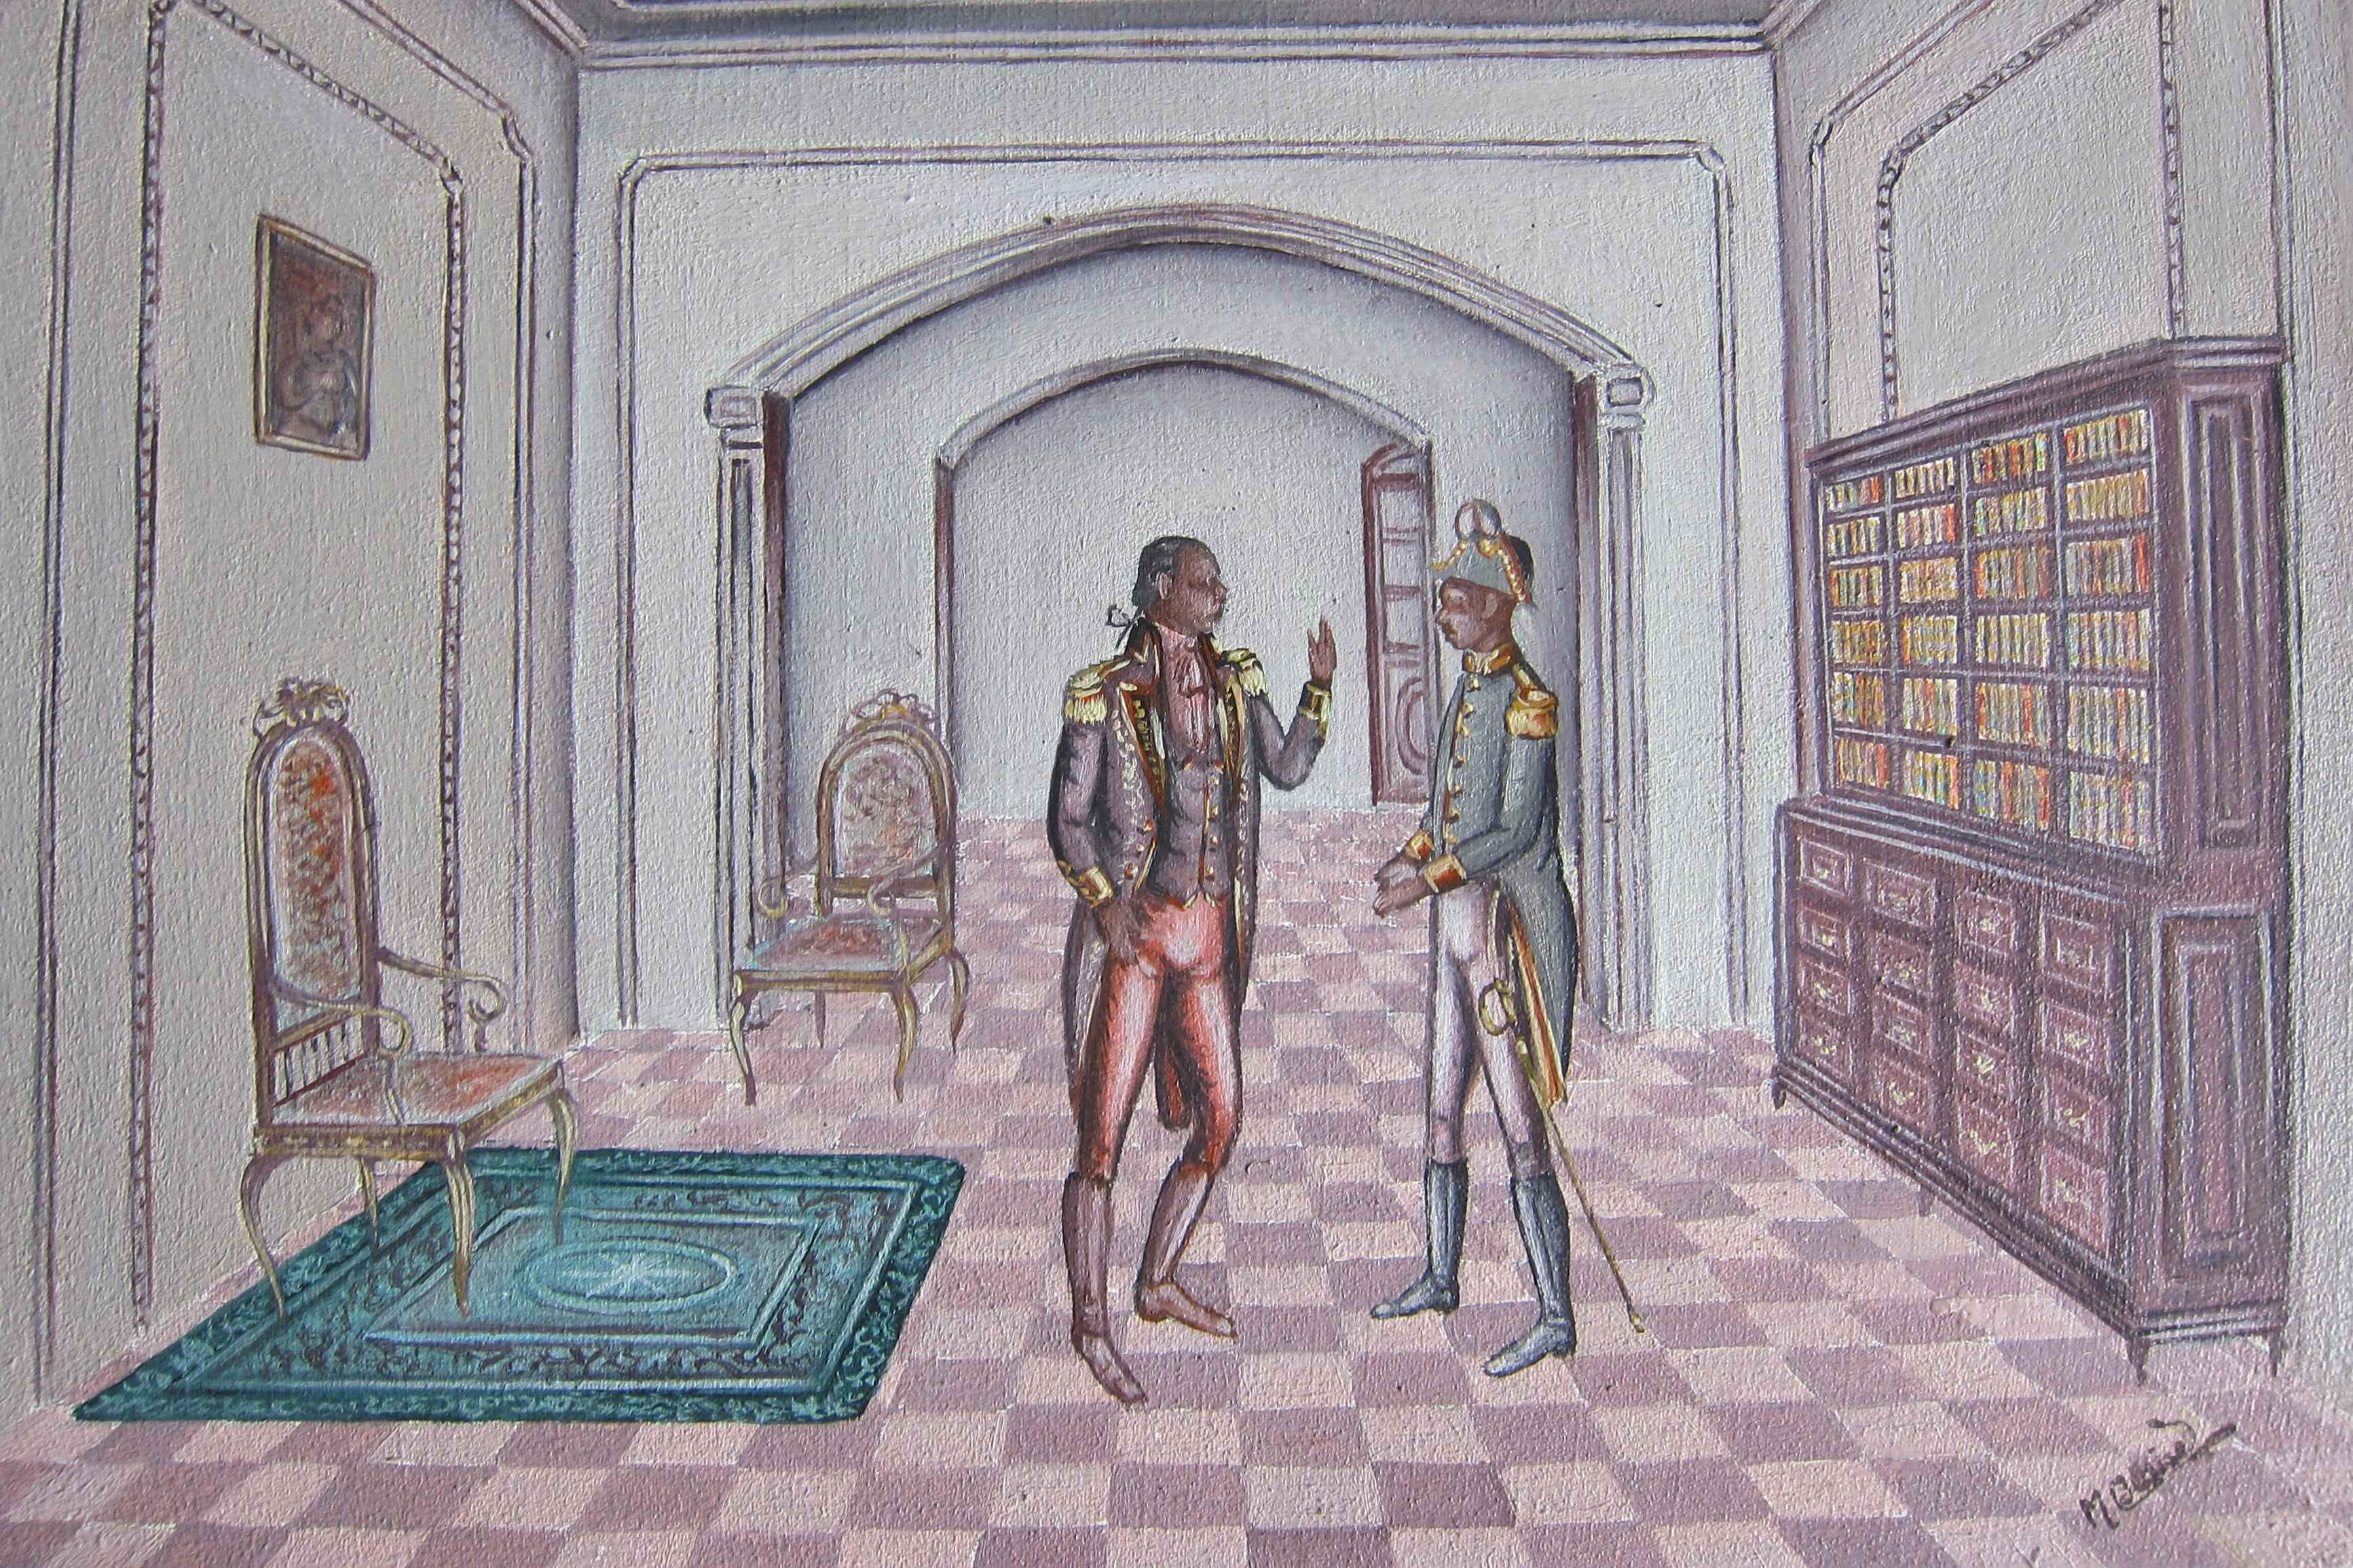 Toussaint et son offi... by  Serge Moleon BLAISE - Masterpiece Online